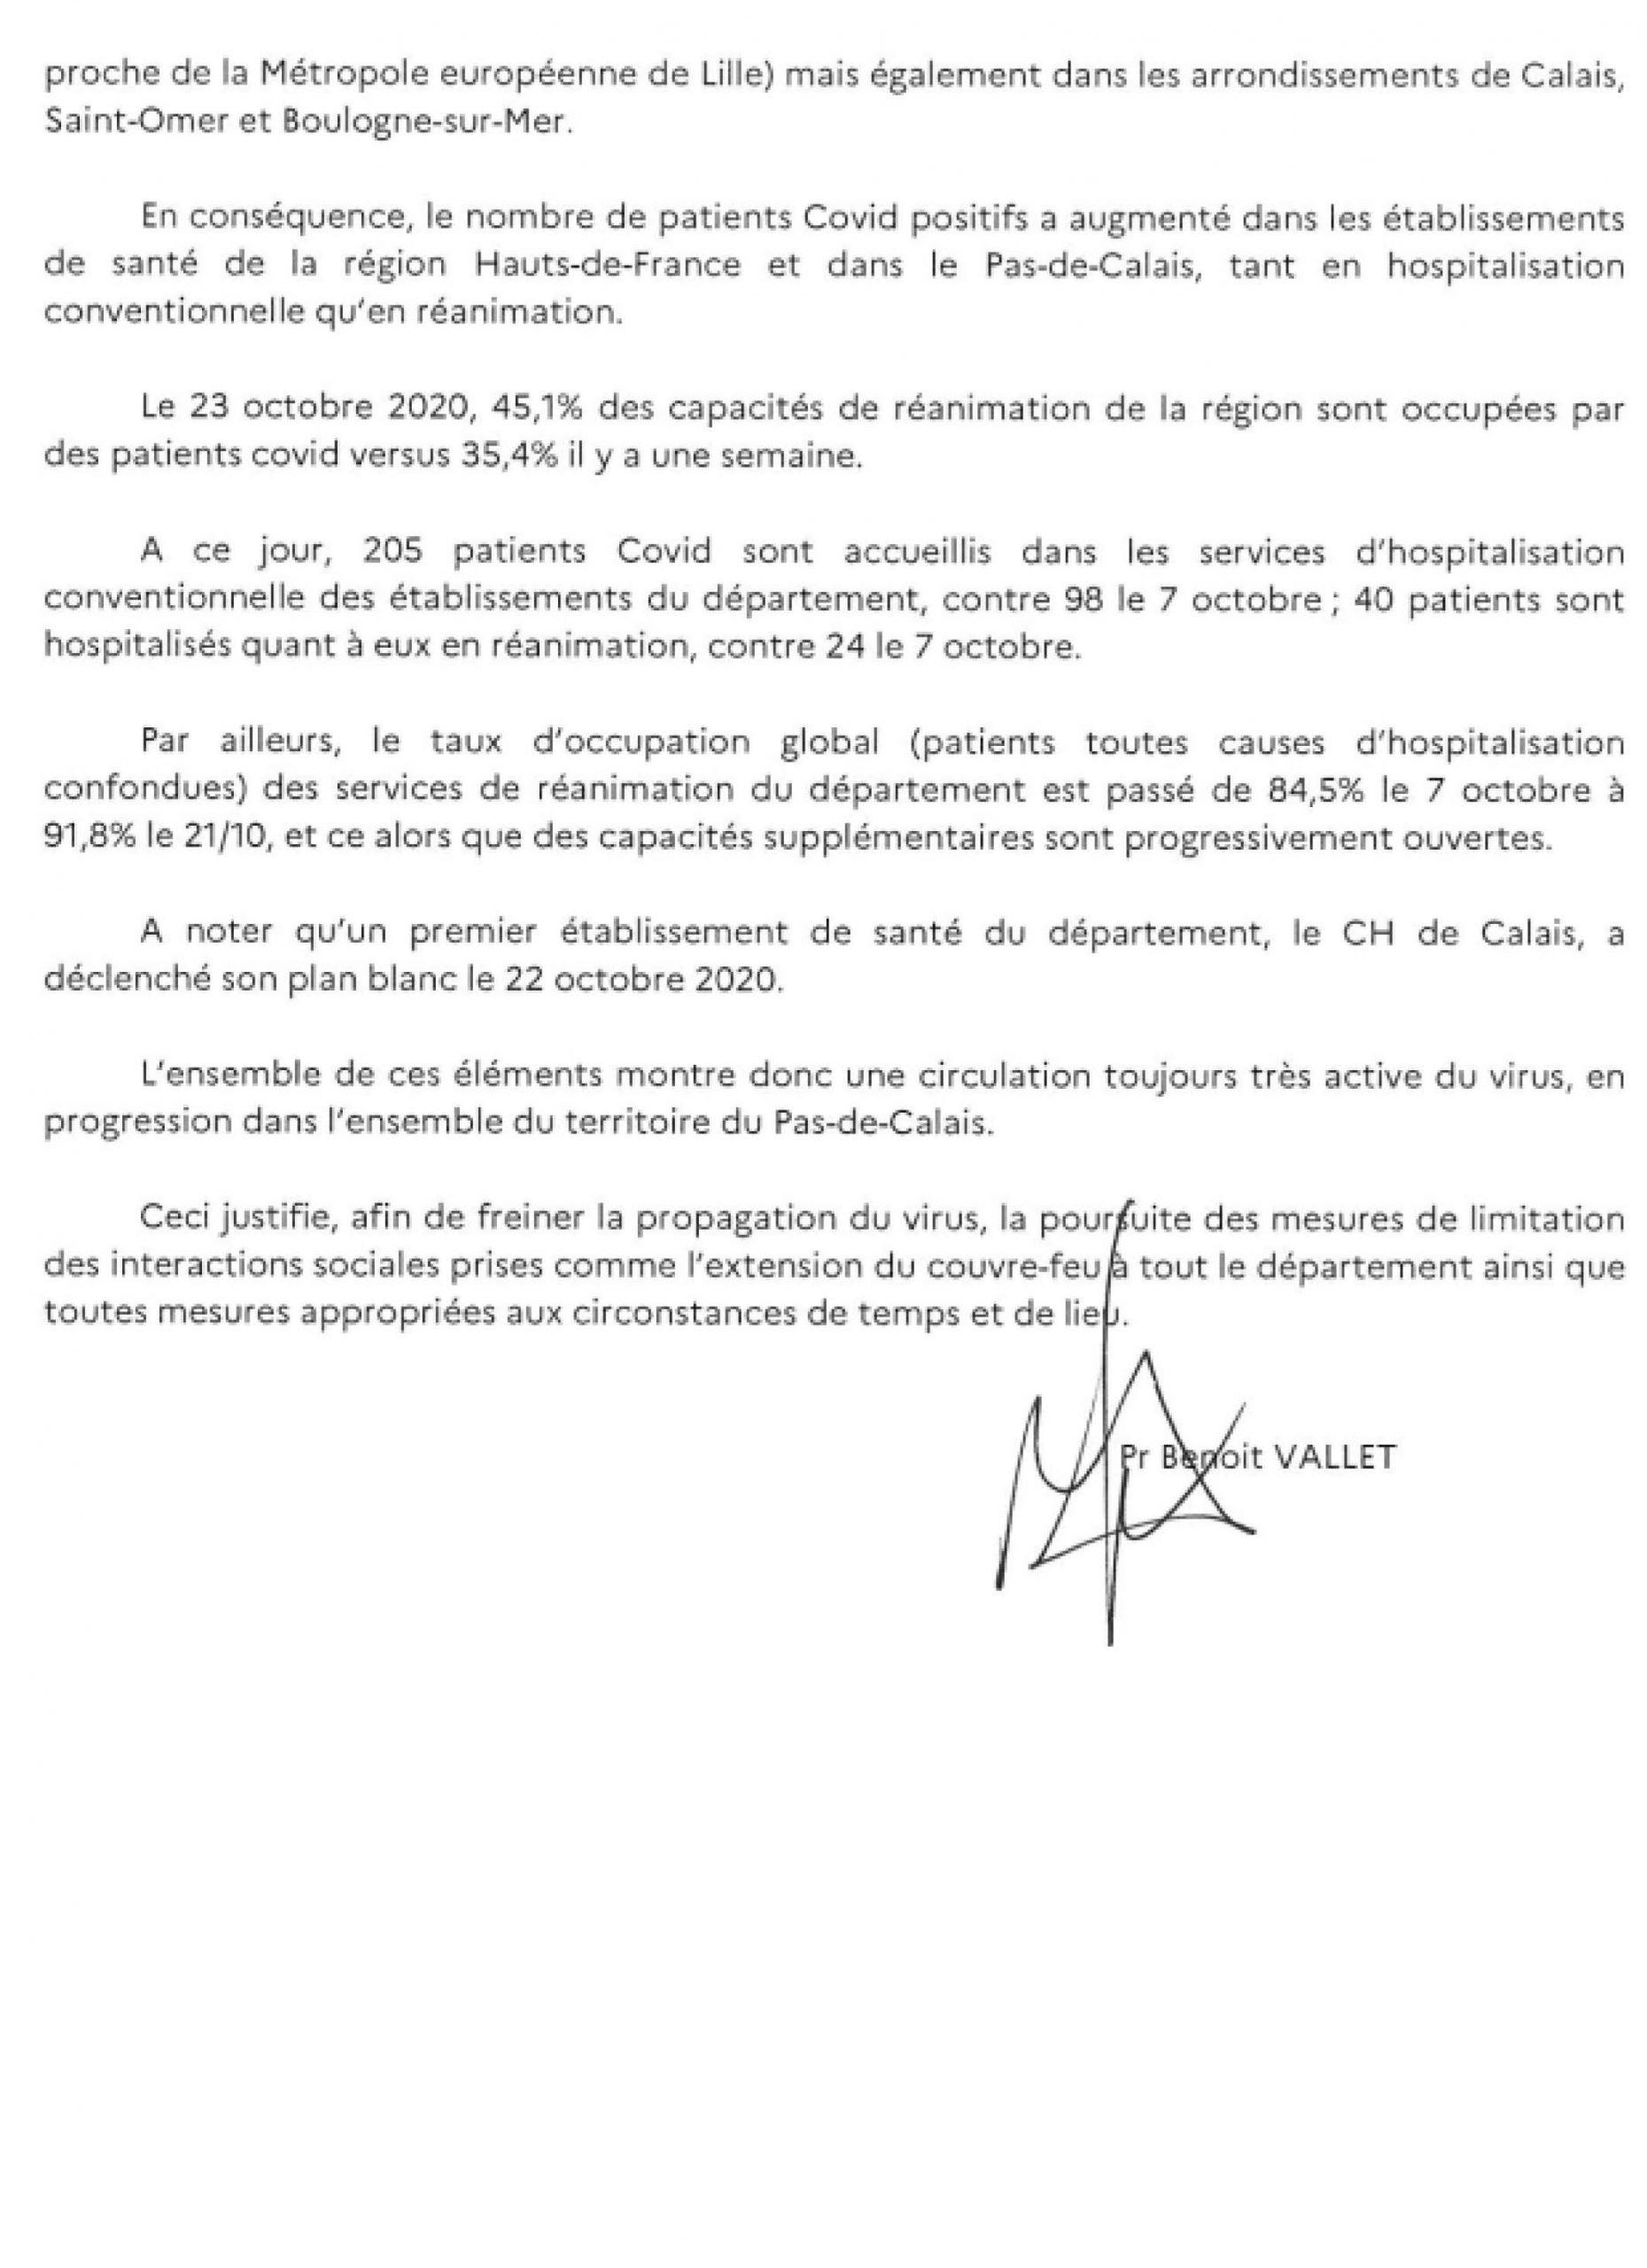 Arrete_prefectoral_du_24_octobre_2020-10